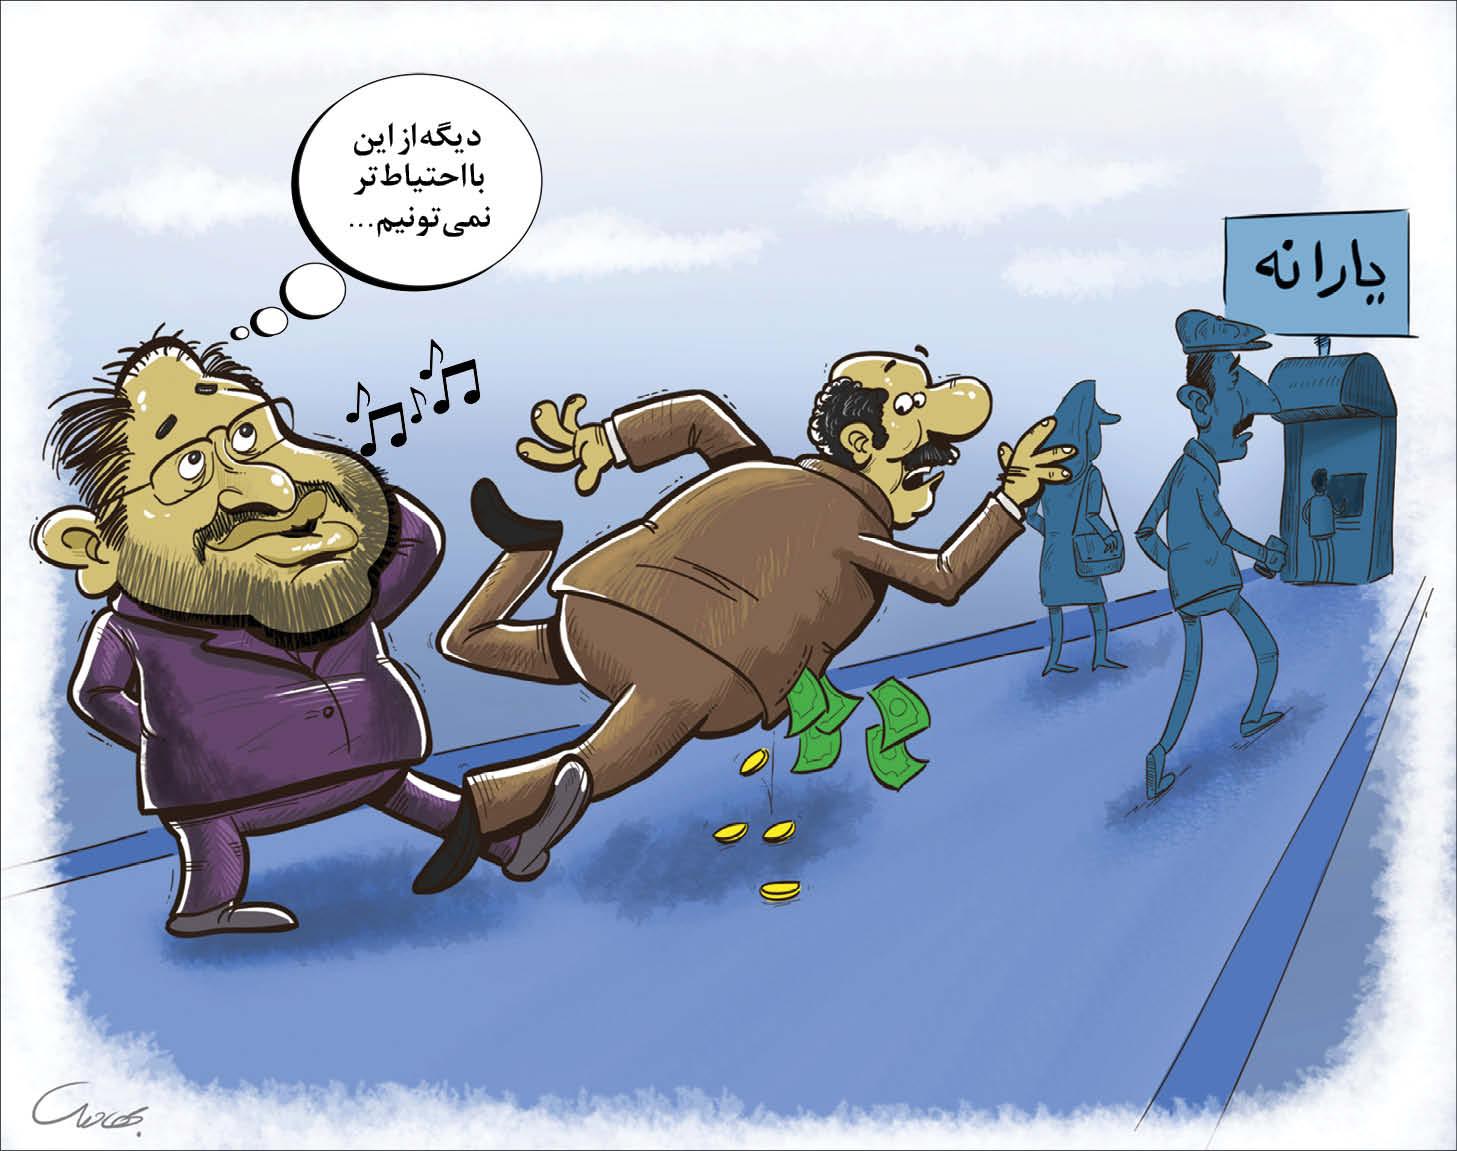 کارتونیست : محمد بهادری